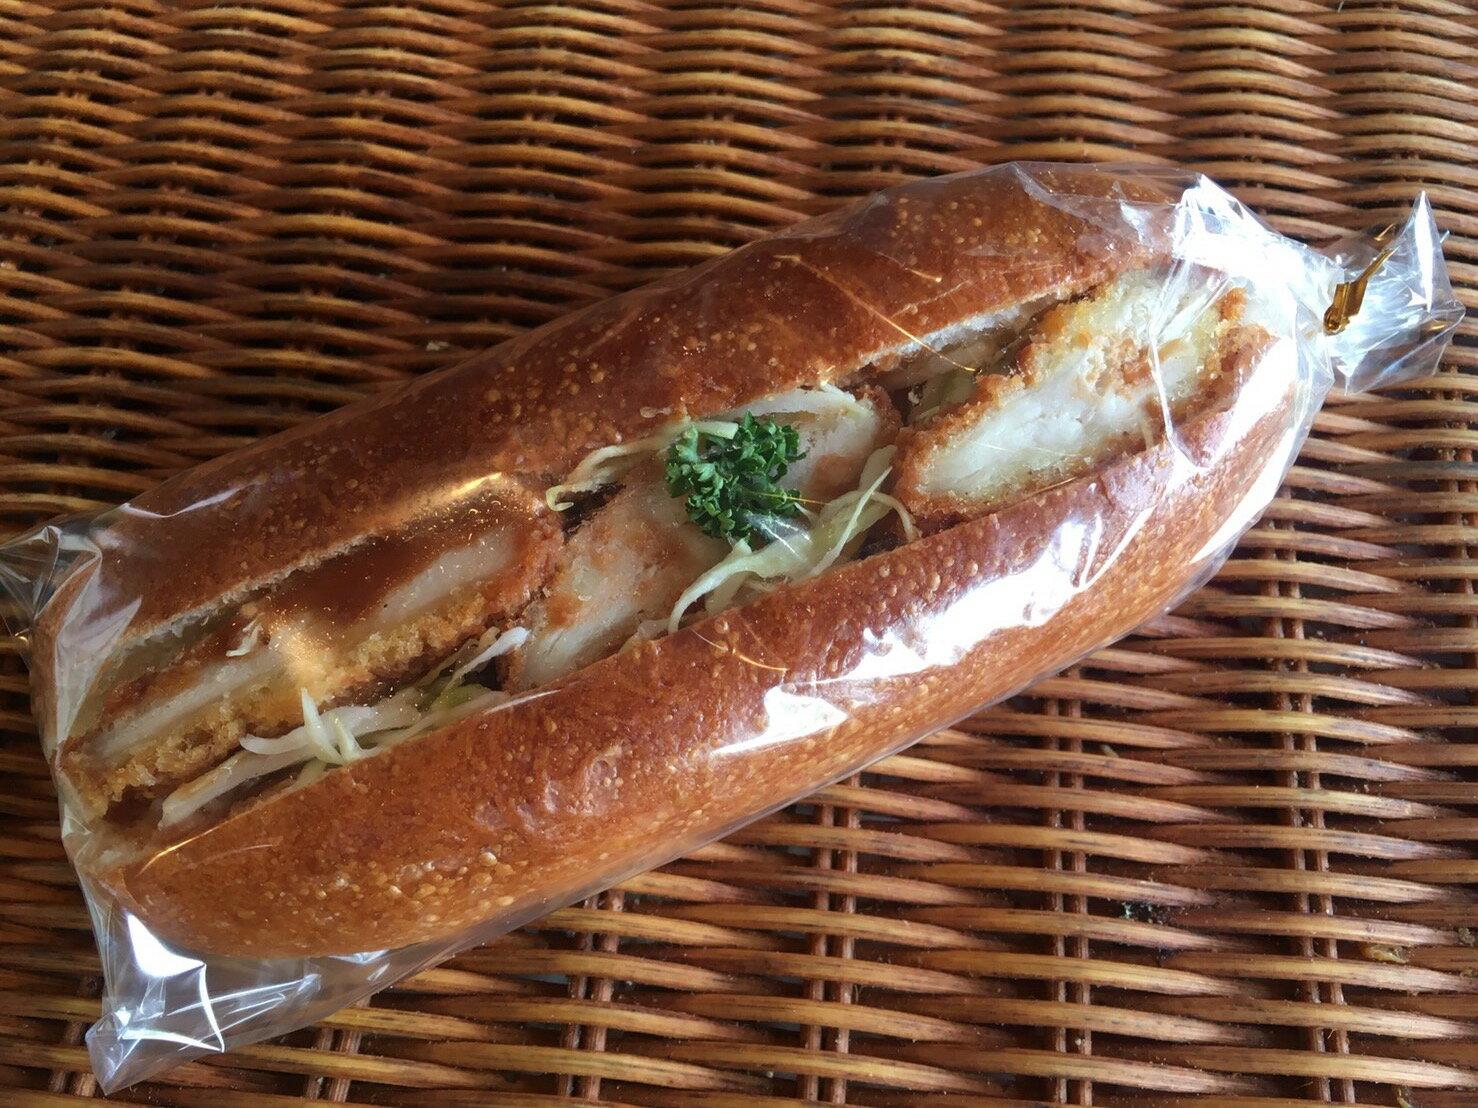 【チキンカツドック】チキンカツをがっつり挟んだ惣菜パン